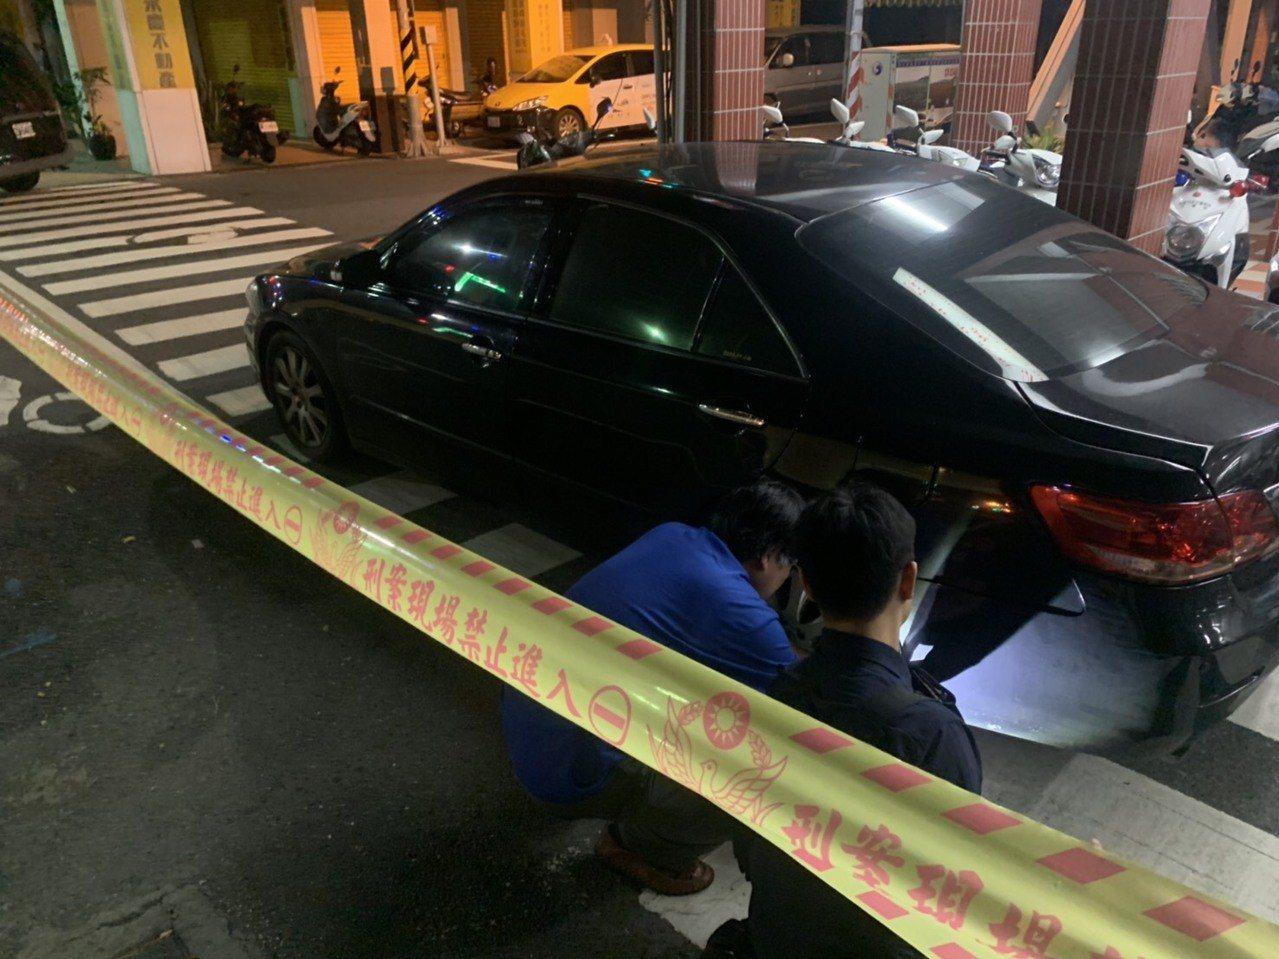 謝姓男子涉嫌衝撞女警,警方攔截他的轎車,正勘查撞痕。記者林保光/翻攝